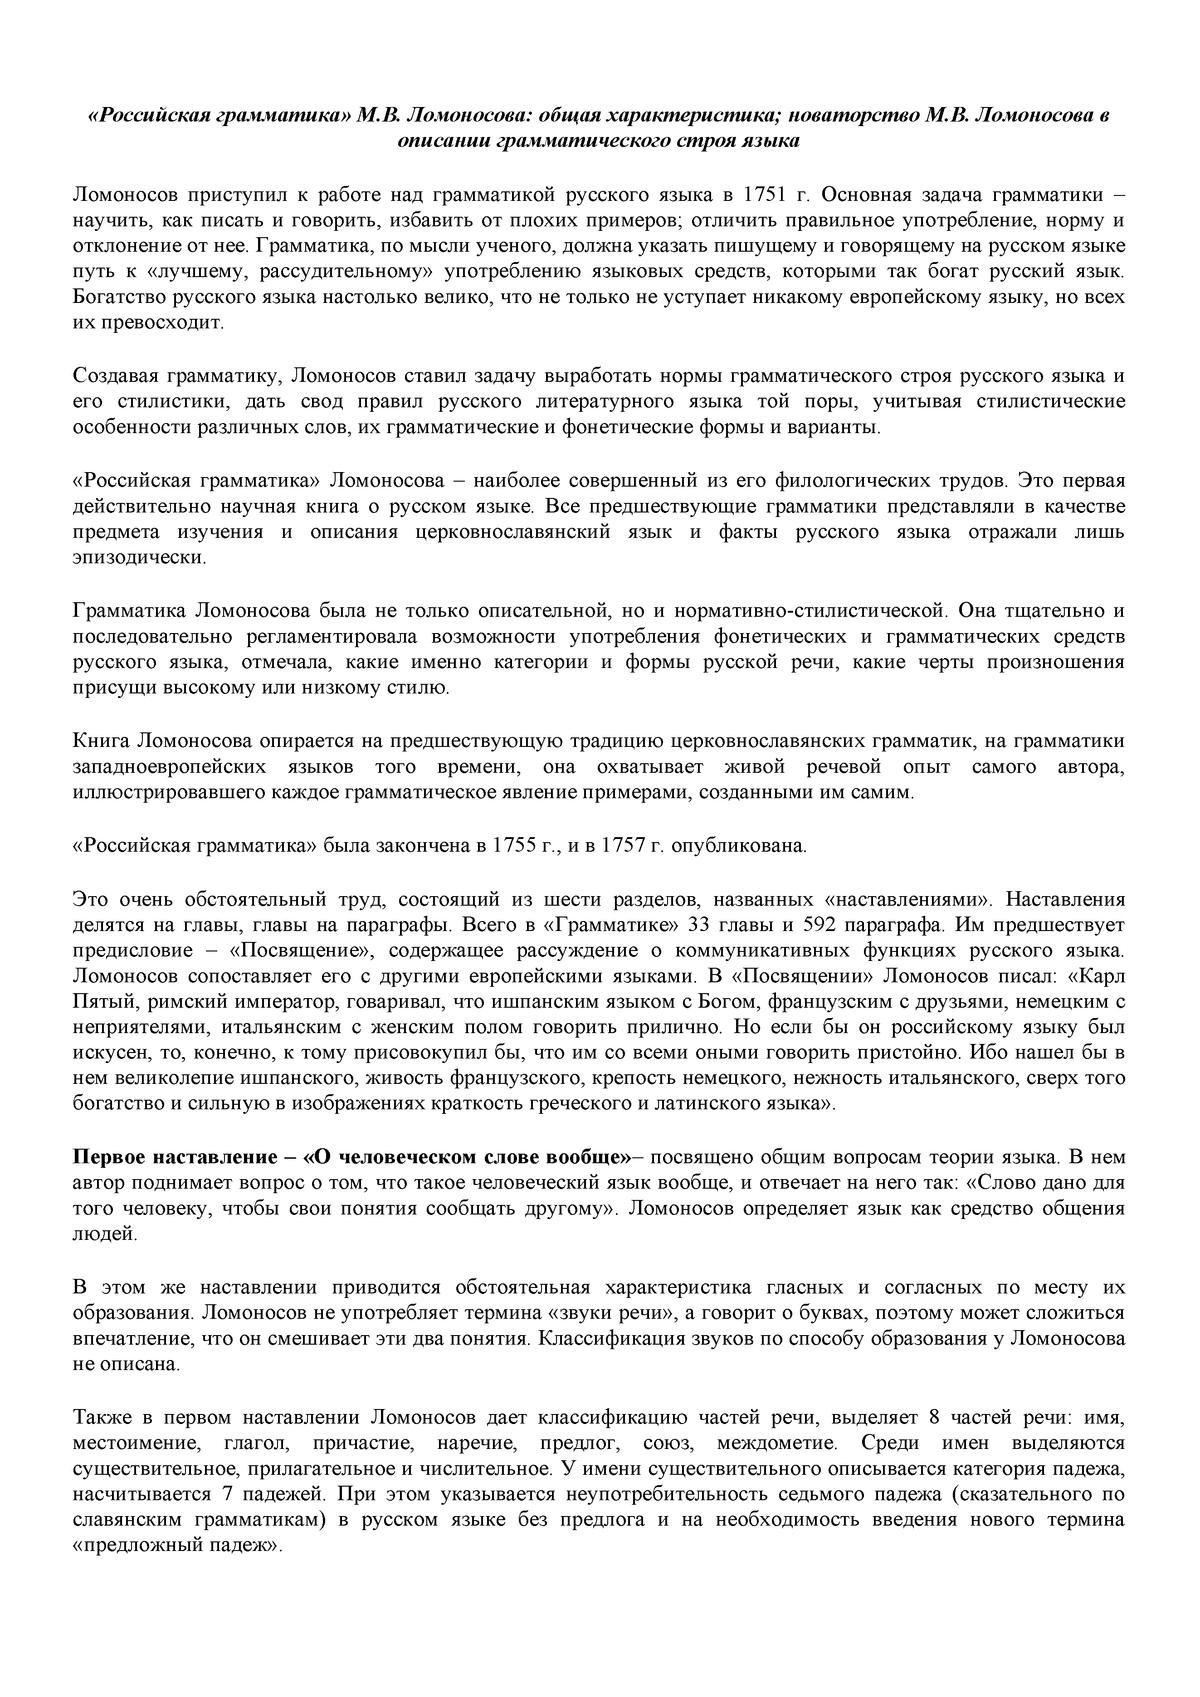 Реферат российская грамматика ломоносова 8083